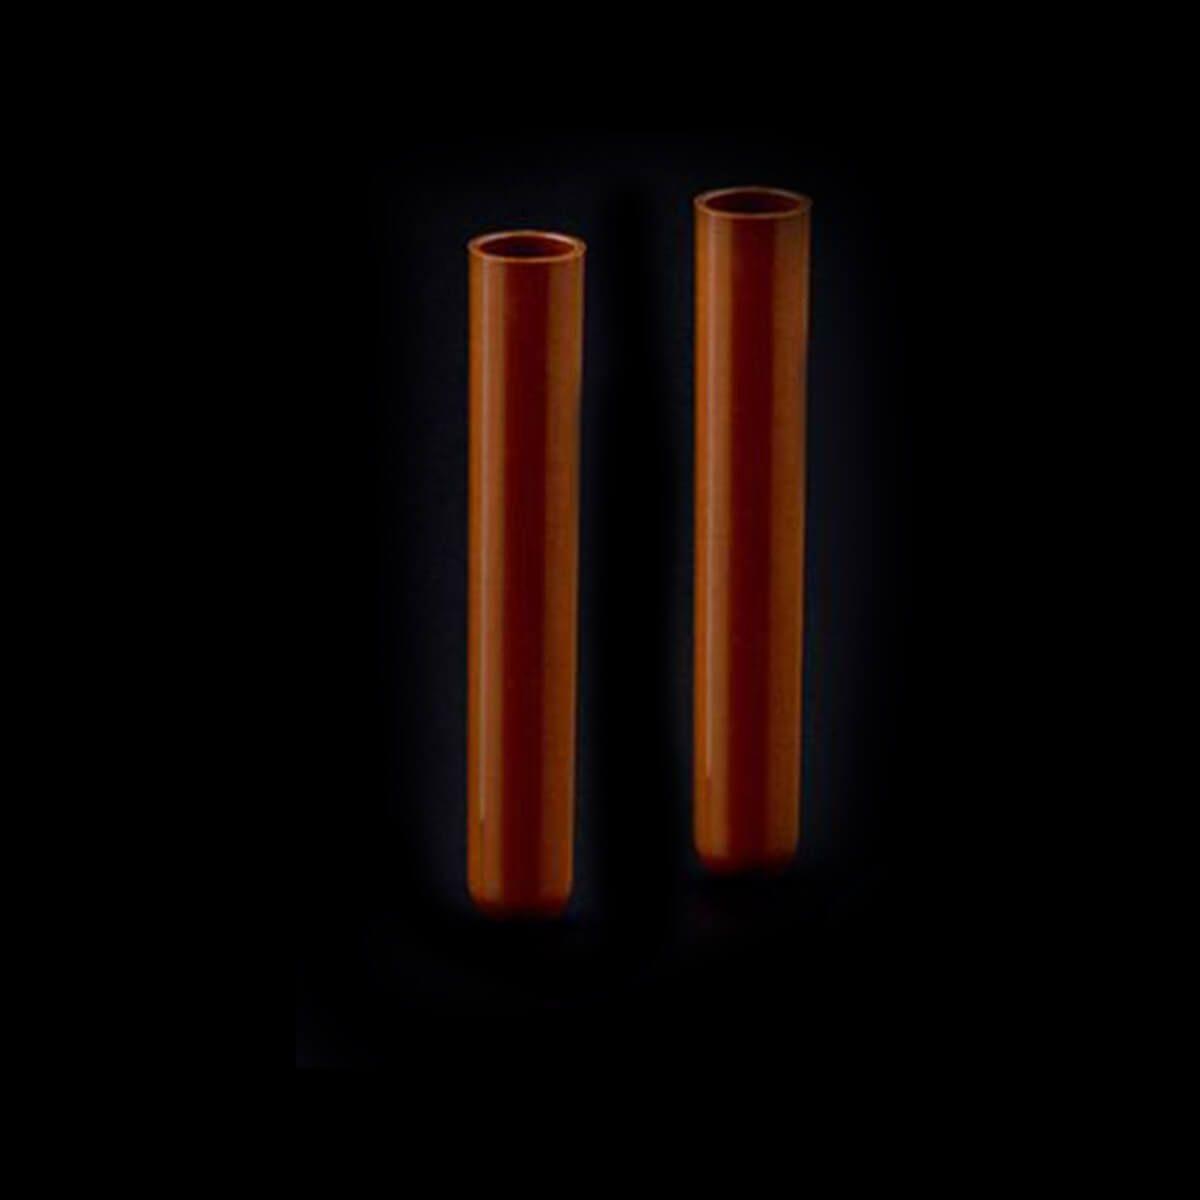 Tubo 12x75mm - 5ml Polipropileno Ambar Caixa 1000 Unidades